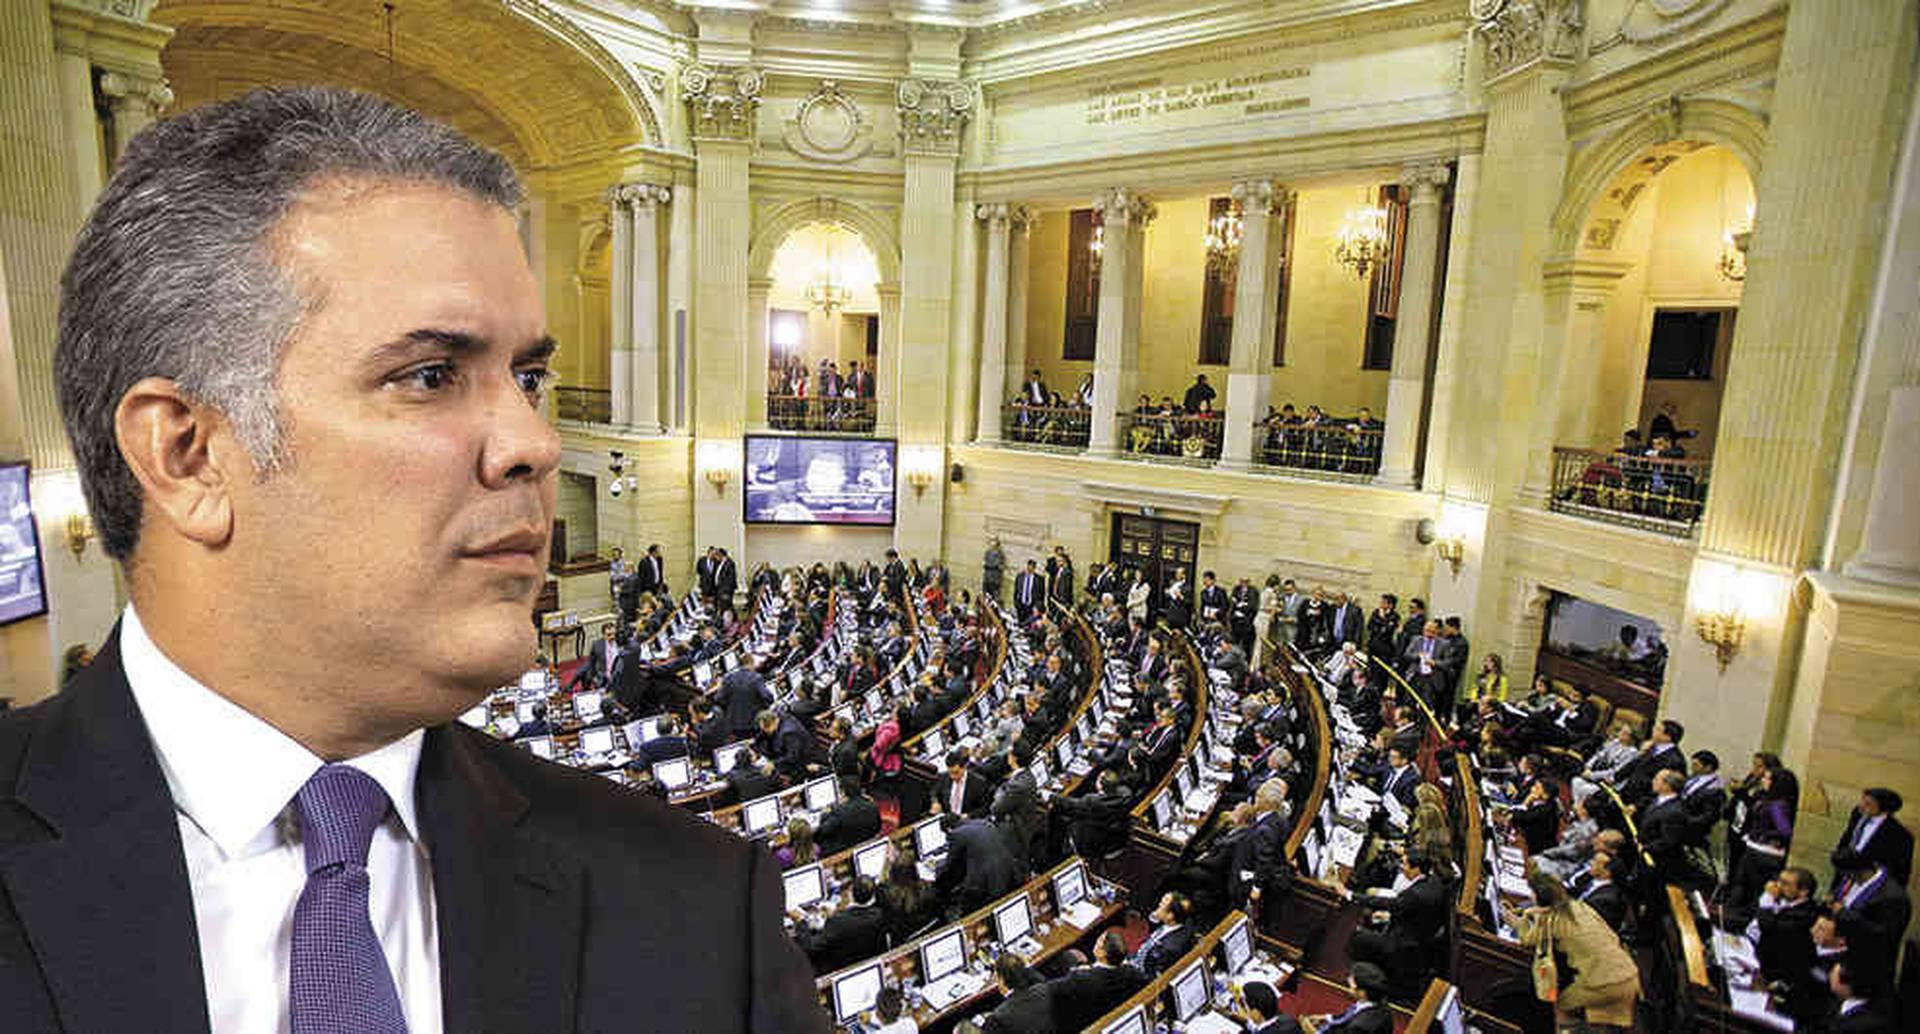 El tortuoso trámite de las objeciones en el Congreso afectó la agenda legislativa.